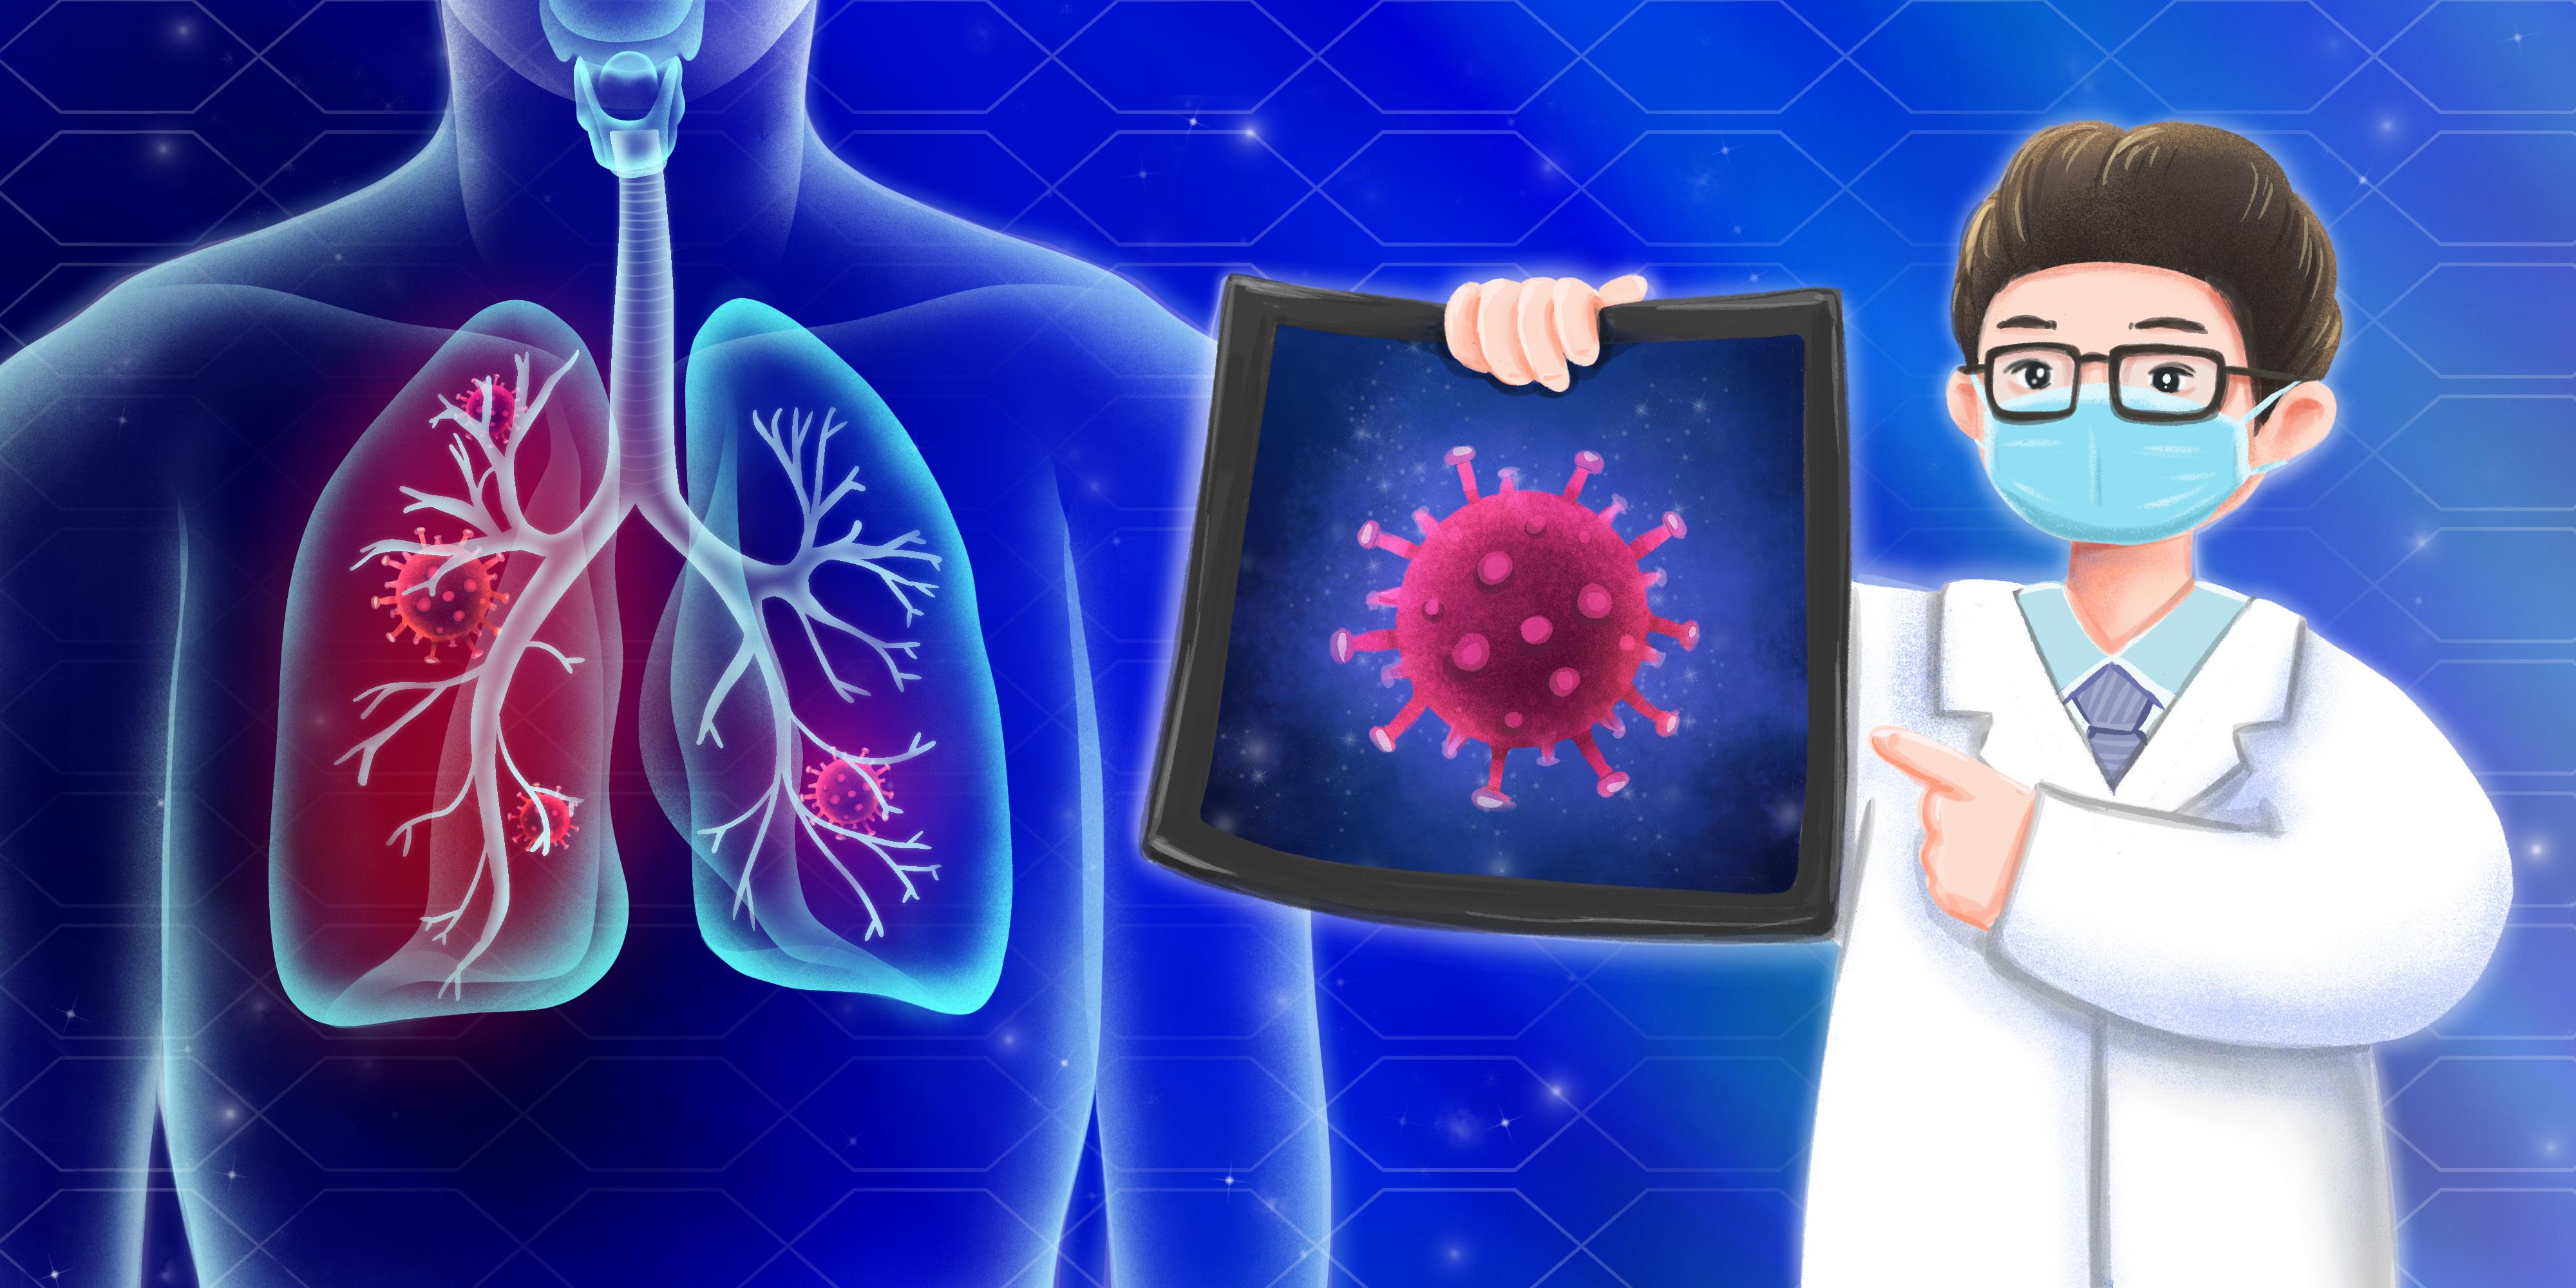 新冠肺炎治愈患者复阳是否会造成新的传染?